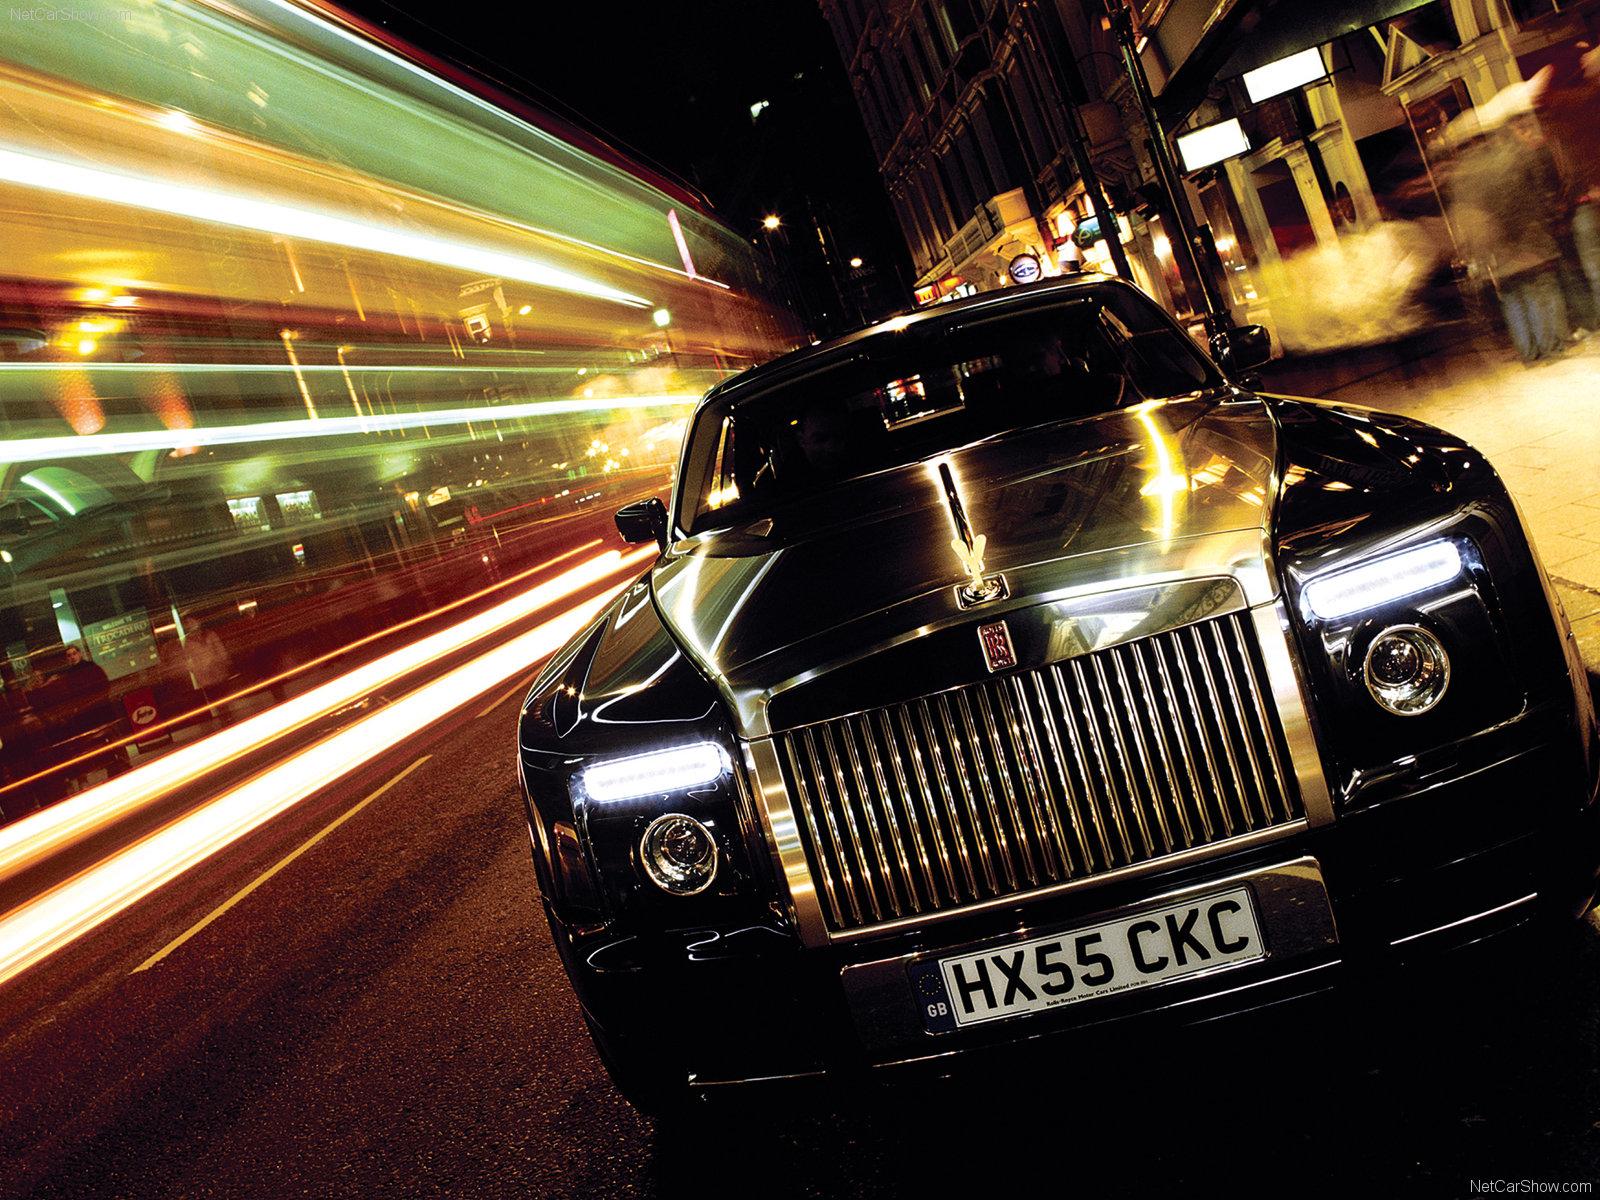 롤스로이스(Rolls-Royce) 이미지(고화질 바탕화면 자료) :: HINARI